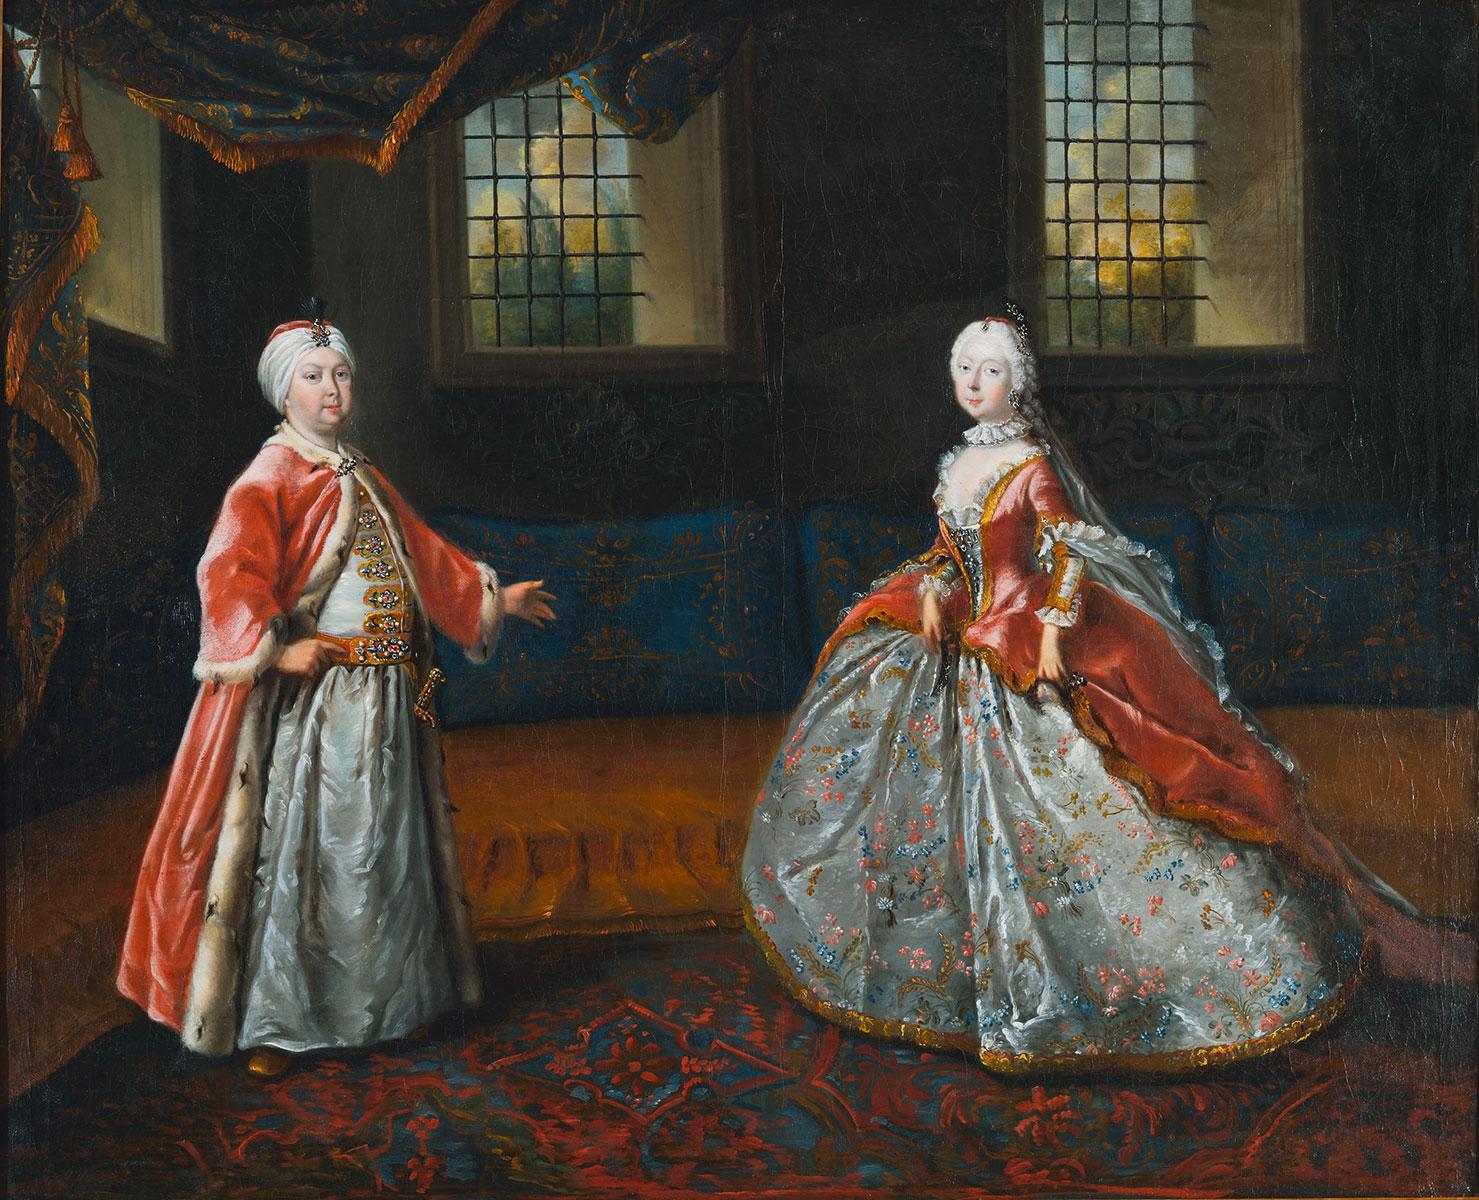 J.F. Löber, Theaterszene mit Friedrich III. und Luise Dorothea von Sachsen-Gotha-Altenburg, um 1751 © Stiftung Schloss Friedenstein Gotha